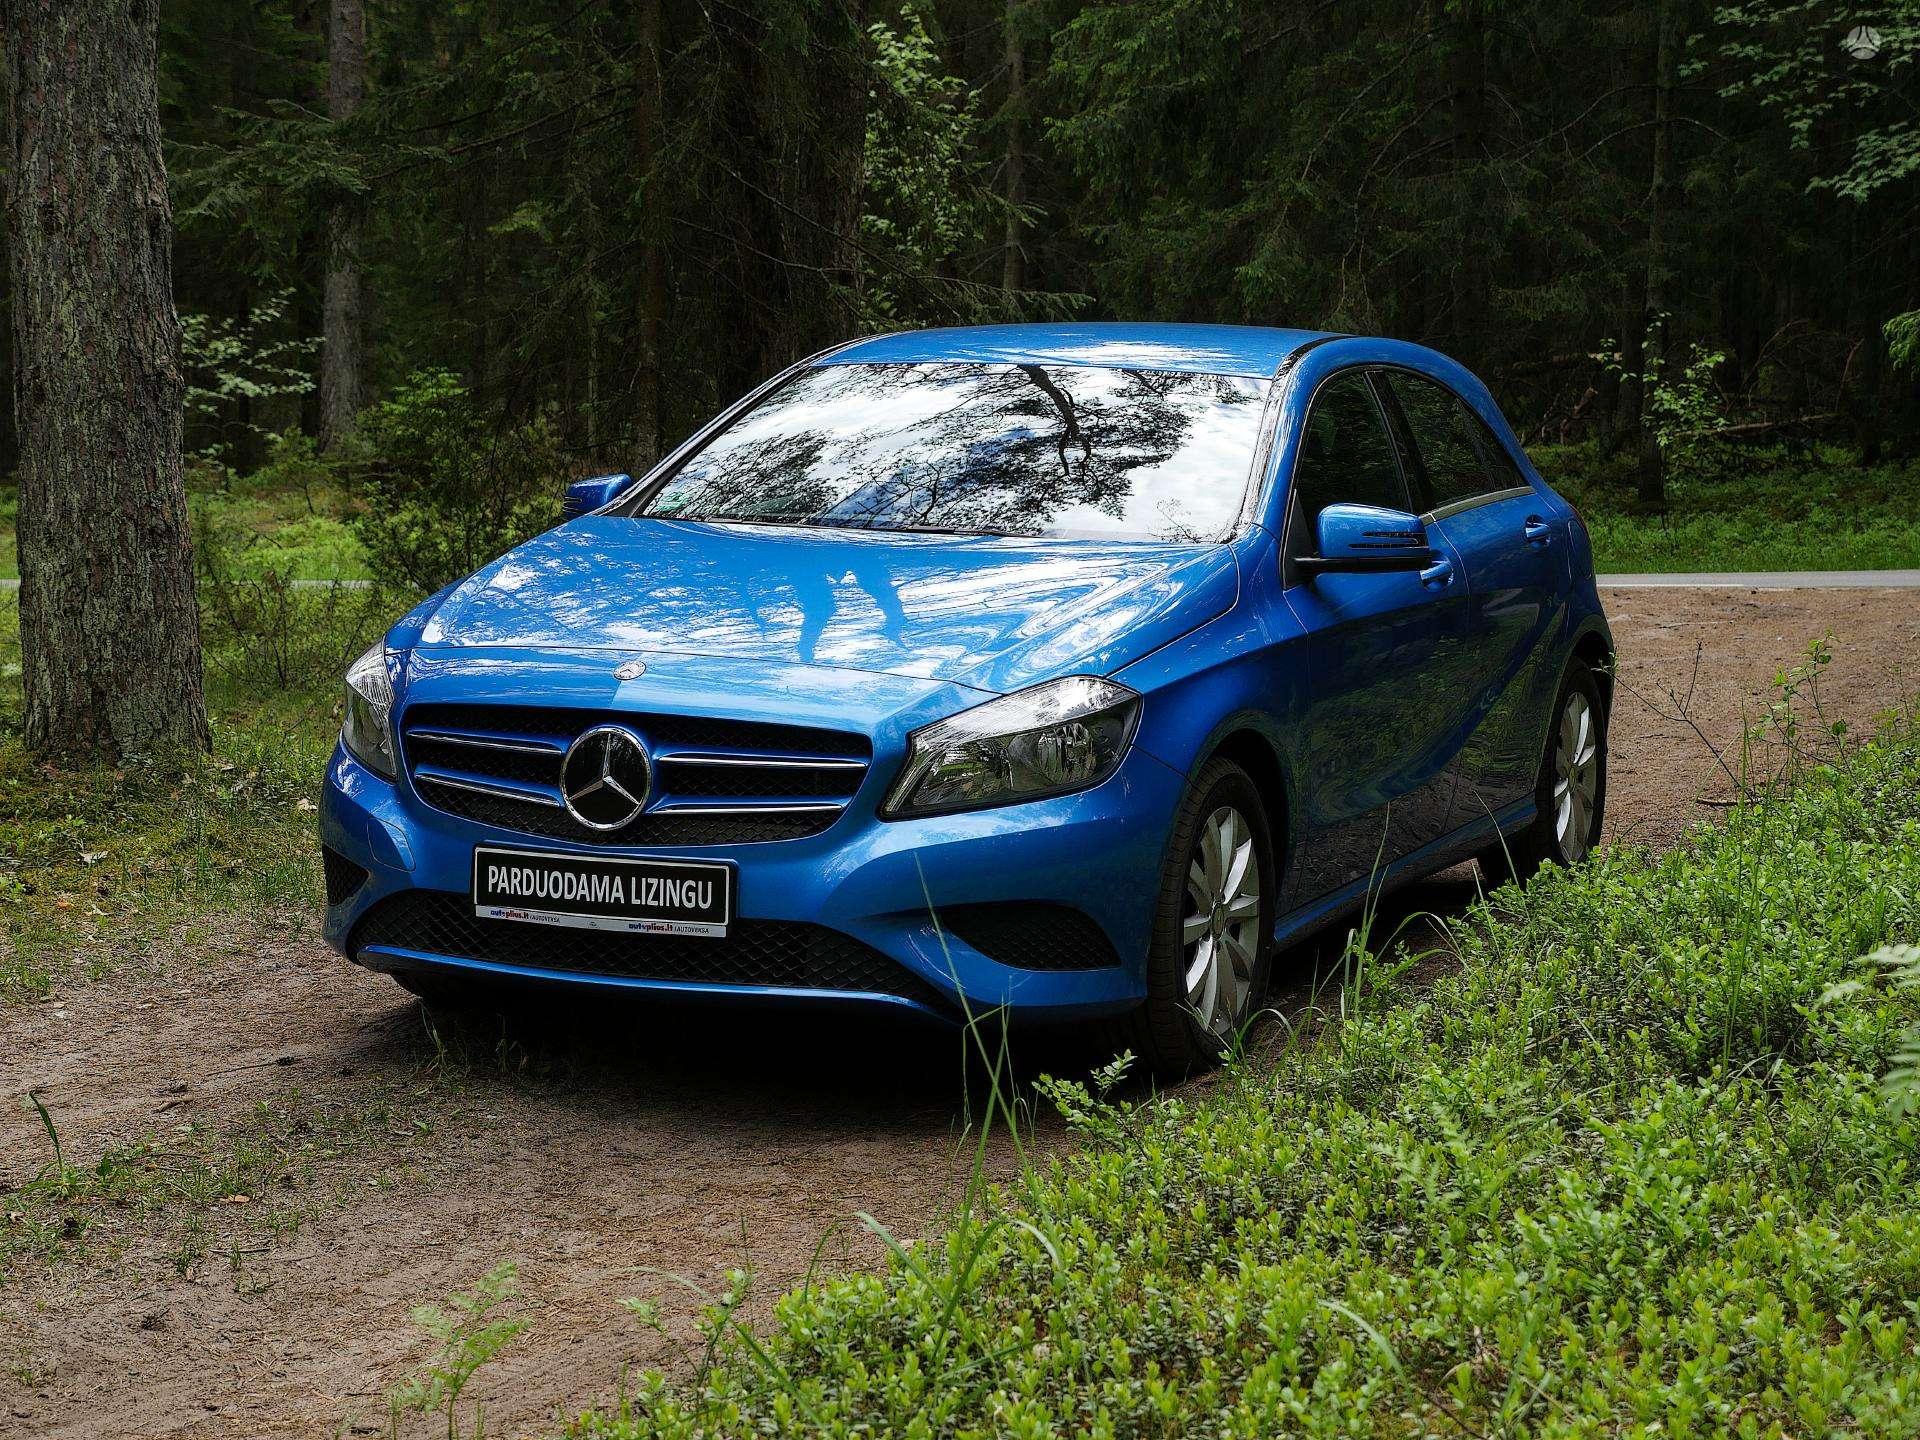 Mercedes-Benz A180 išsimokėtinai nuo 249Eur/mėn su 3 mėnesių garantija